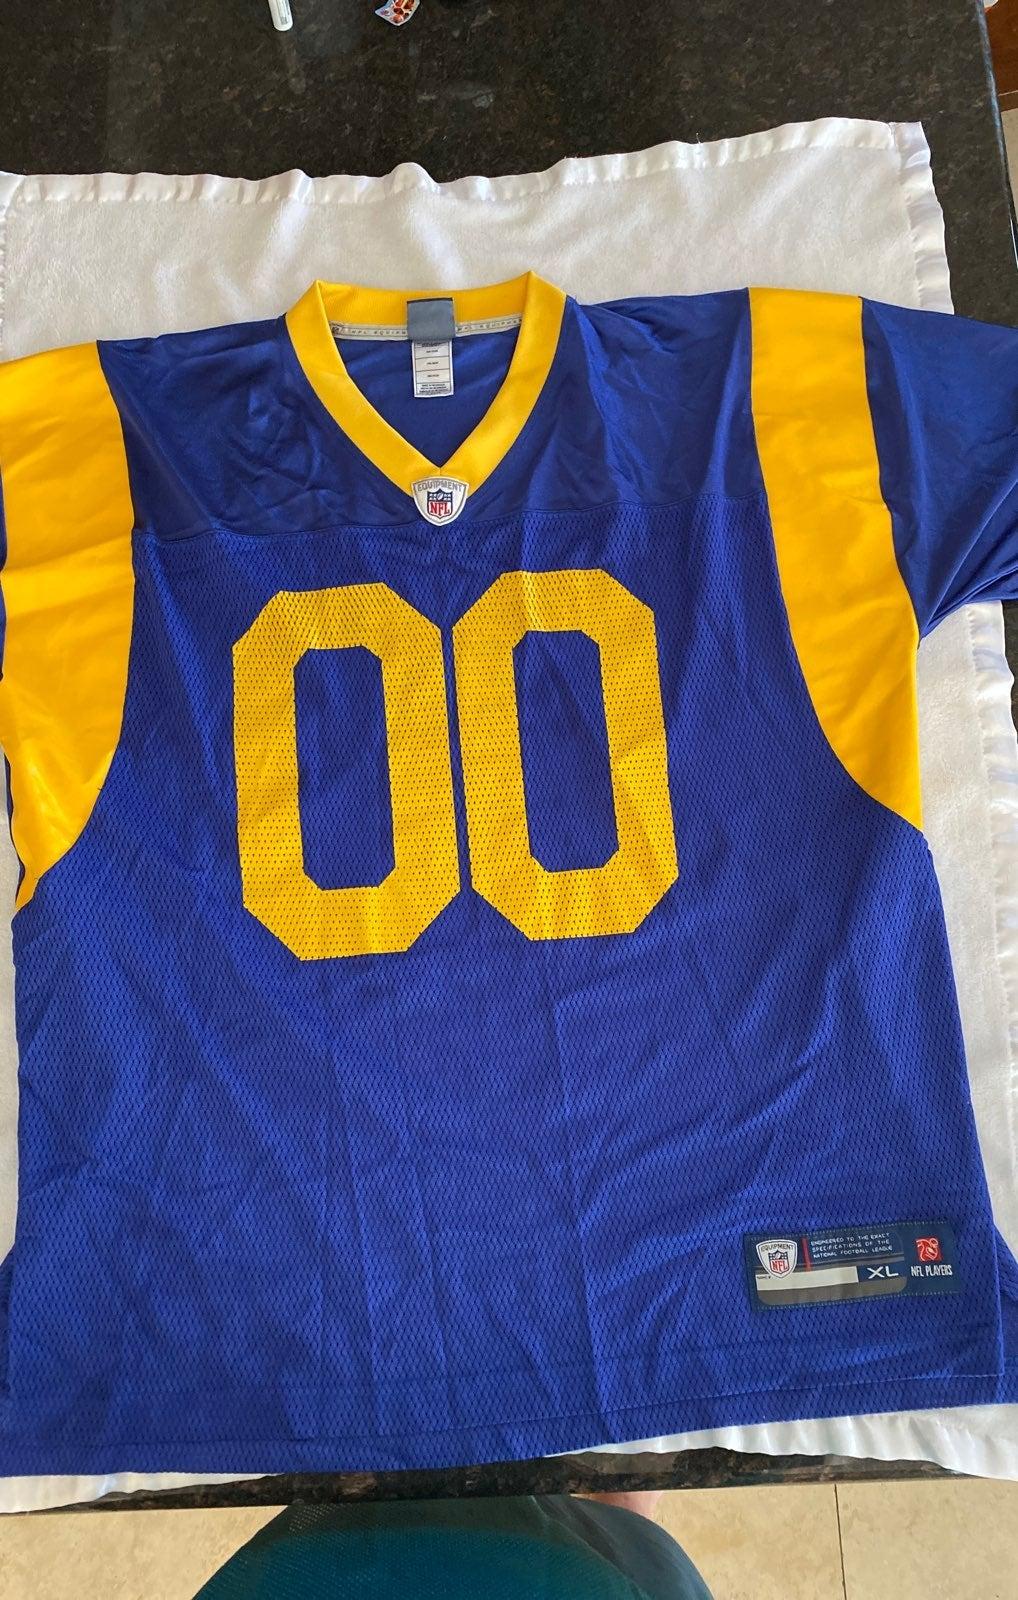 Jersey - LA Rams - Blue Jersey